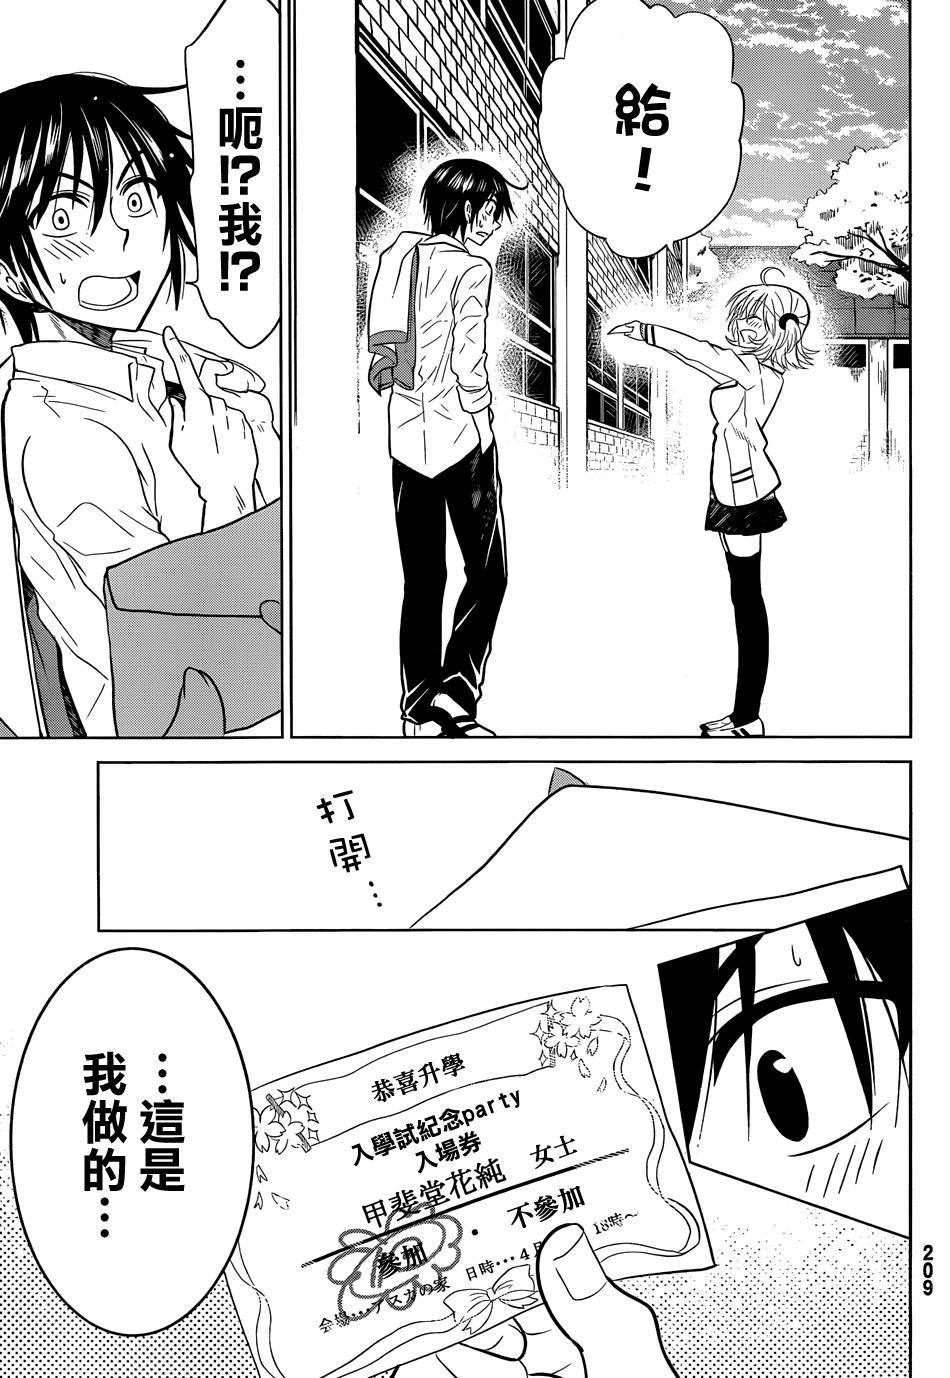 动漫之家漫画网_漫画推荐:欧尼酱你为什么摸我胸,妹妹哟我们结婚吧——《妹 ...